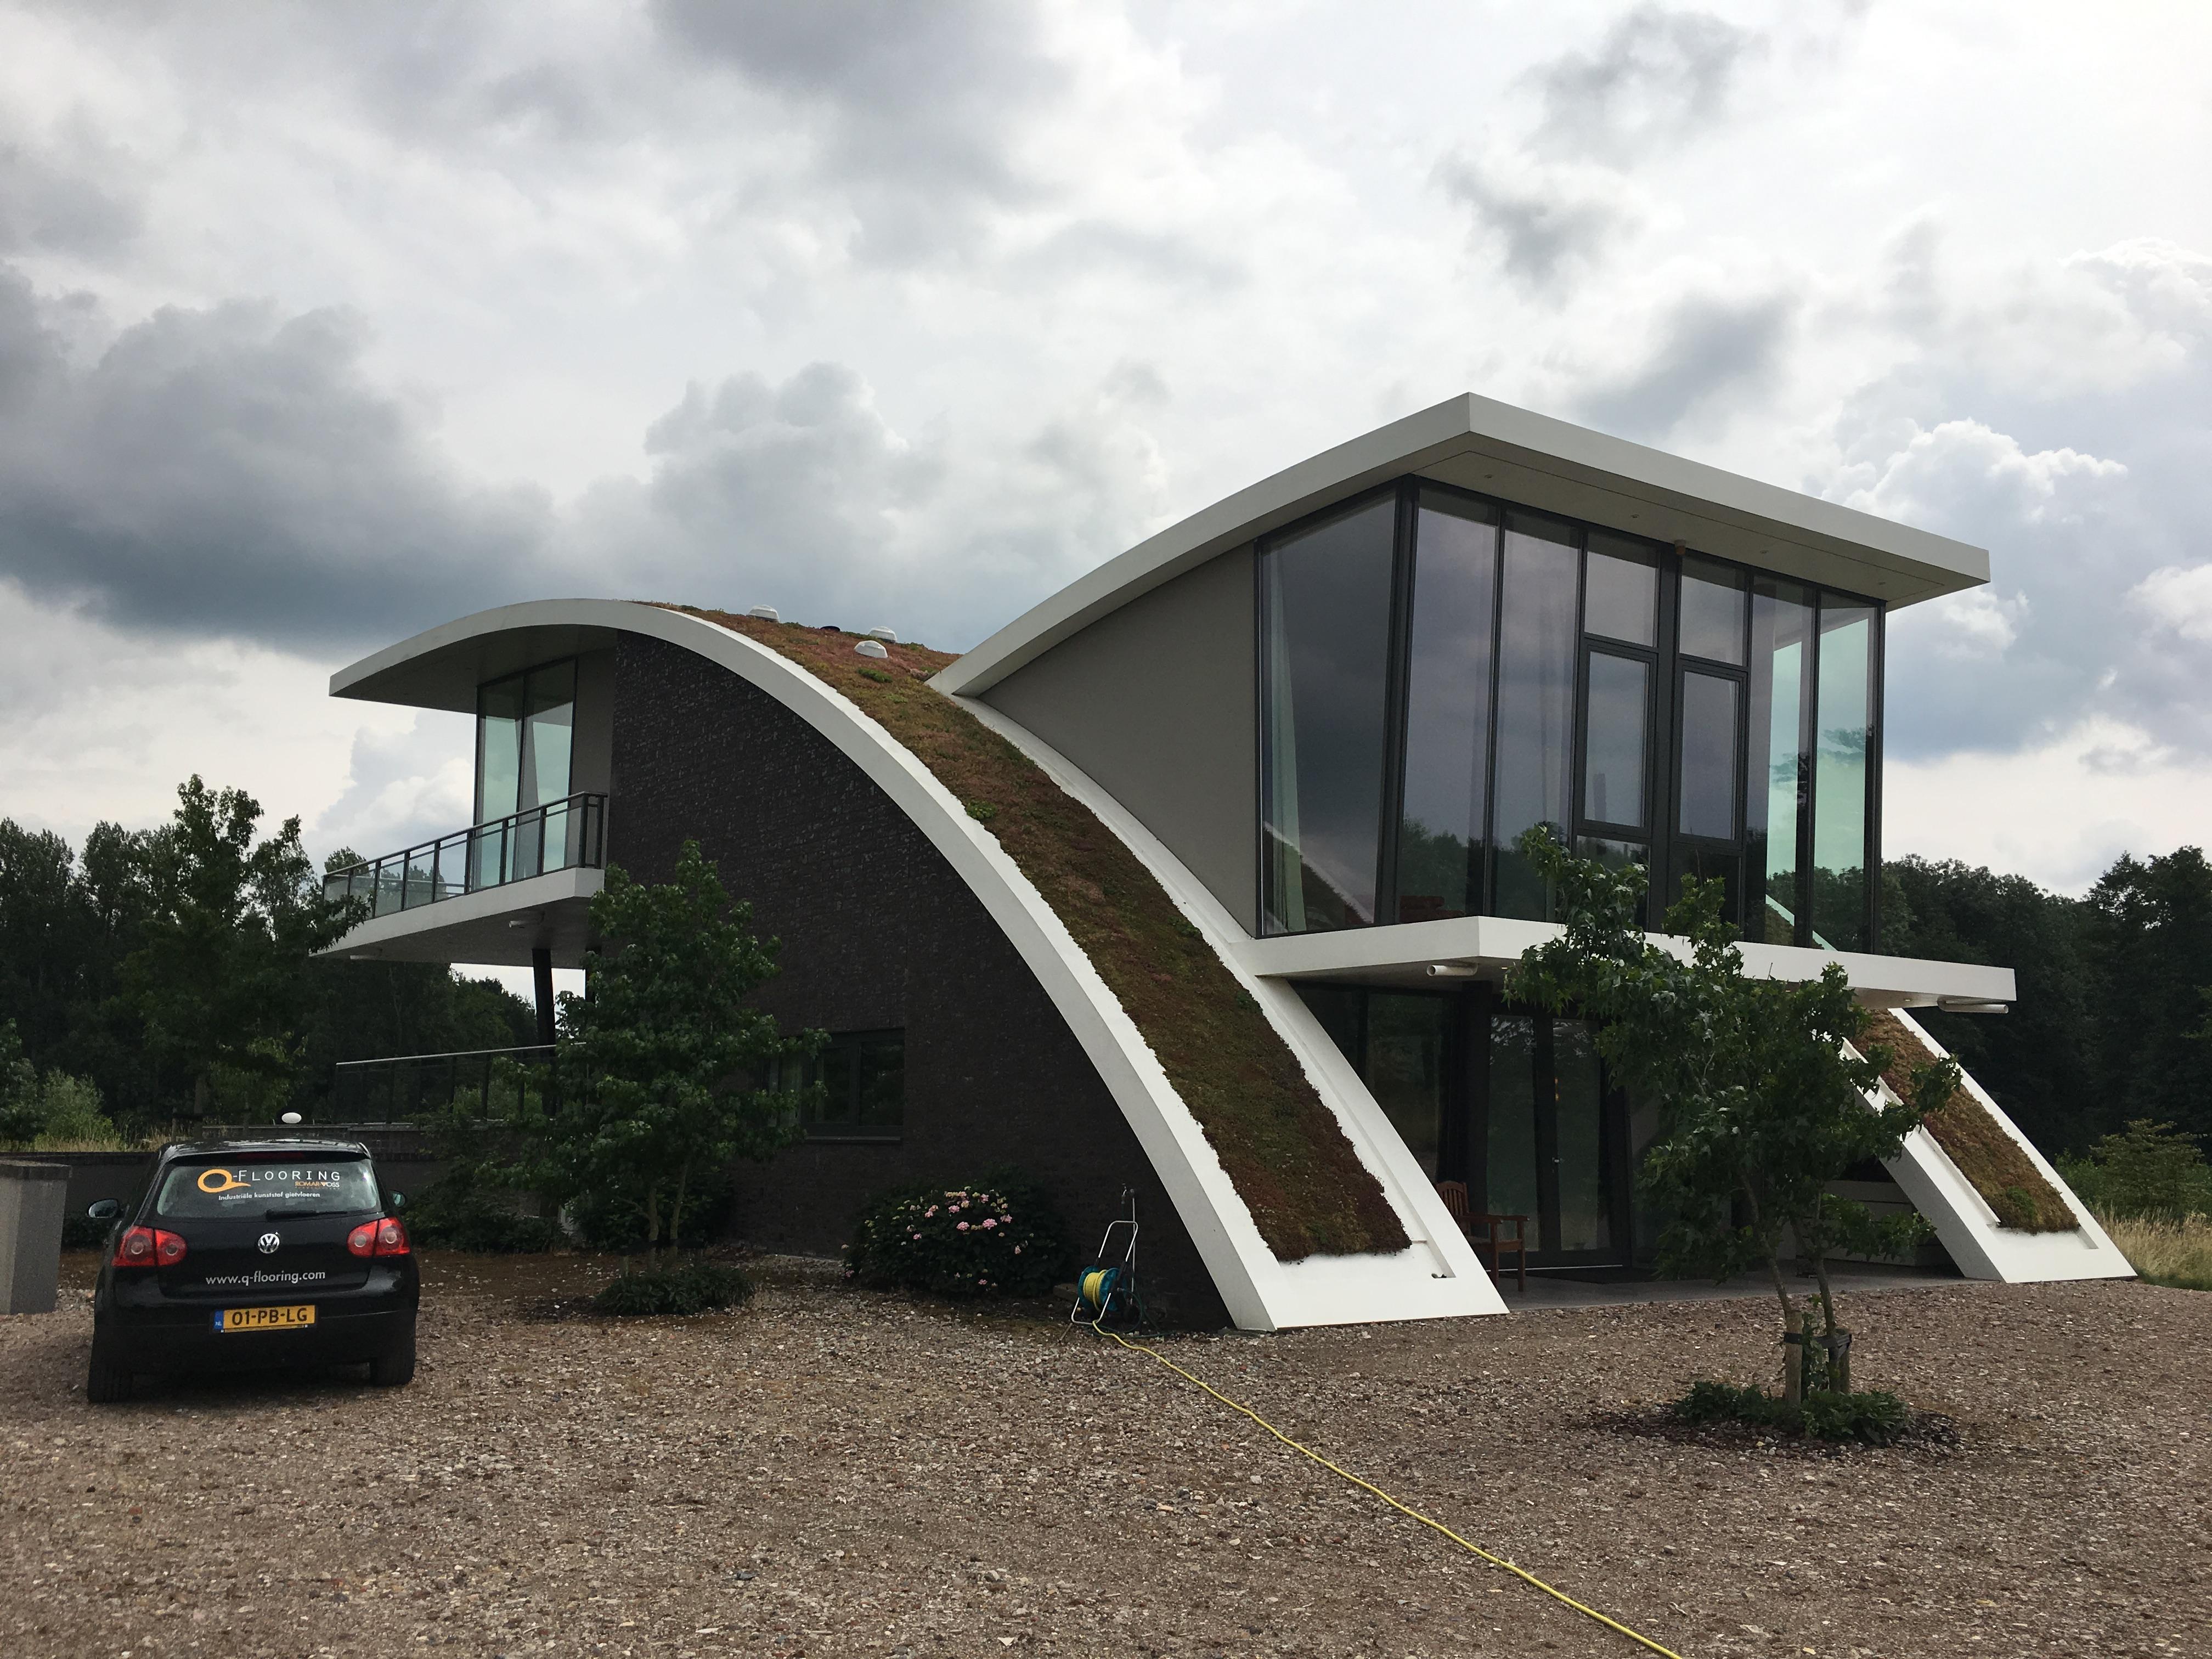 Vloer dakterras Appeltern – kunststof gietvloer op terras met zwembad